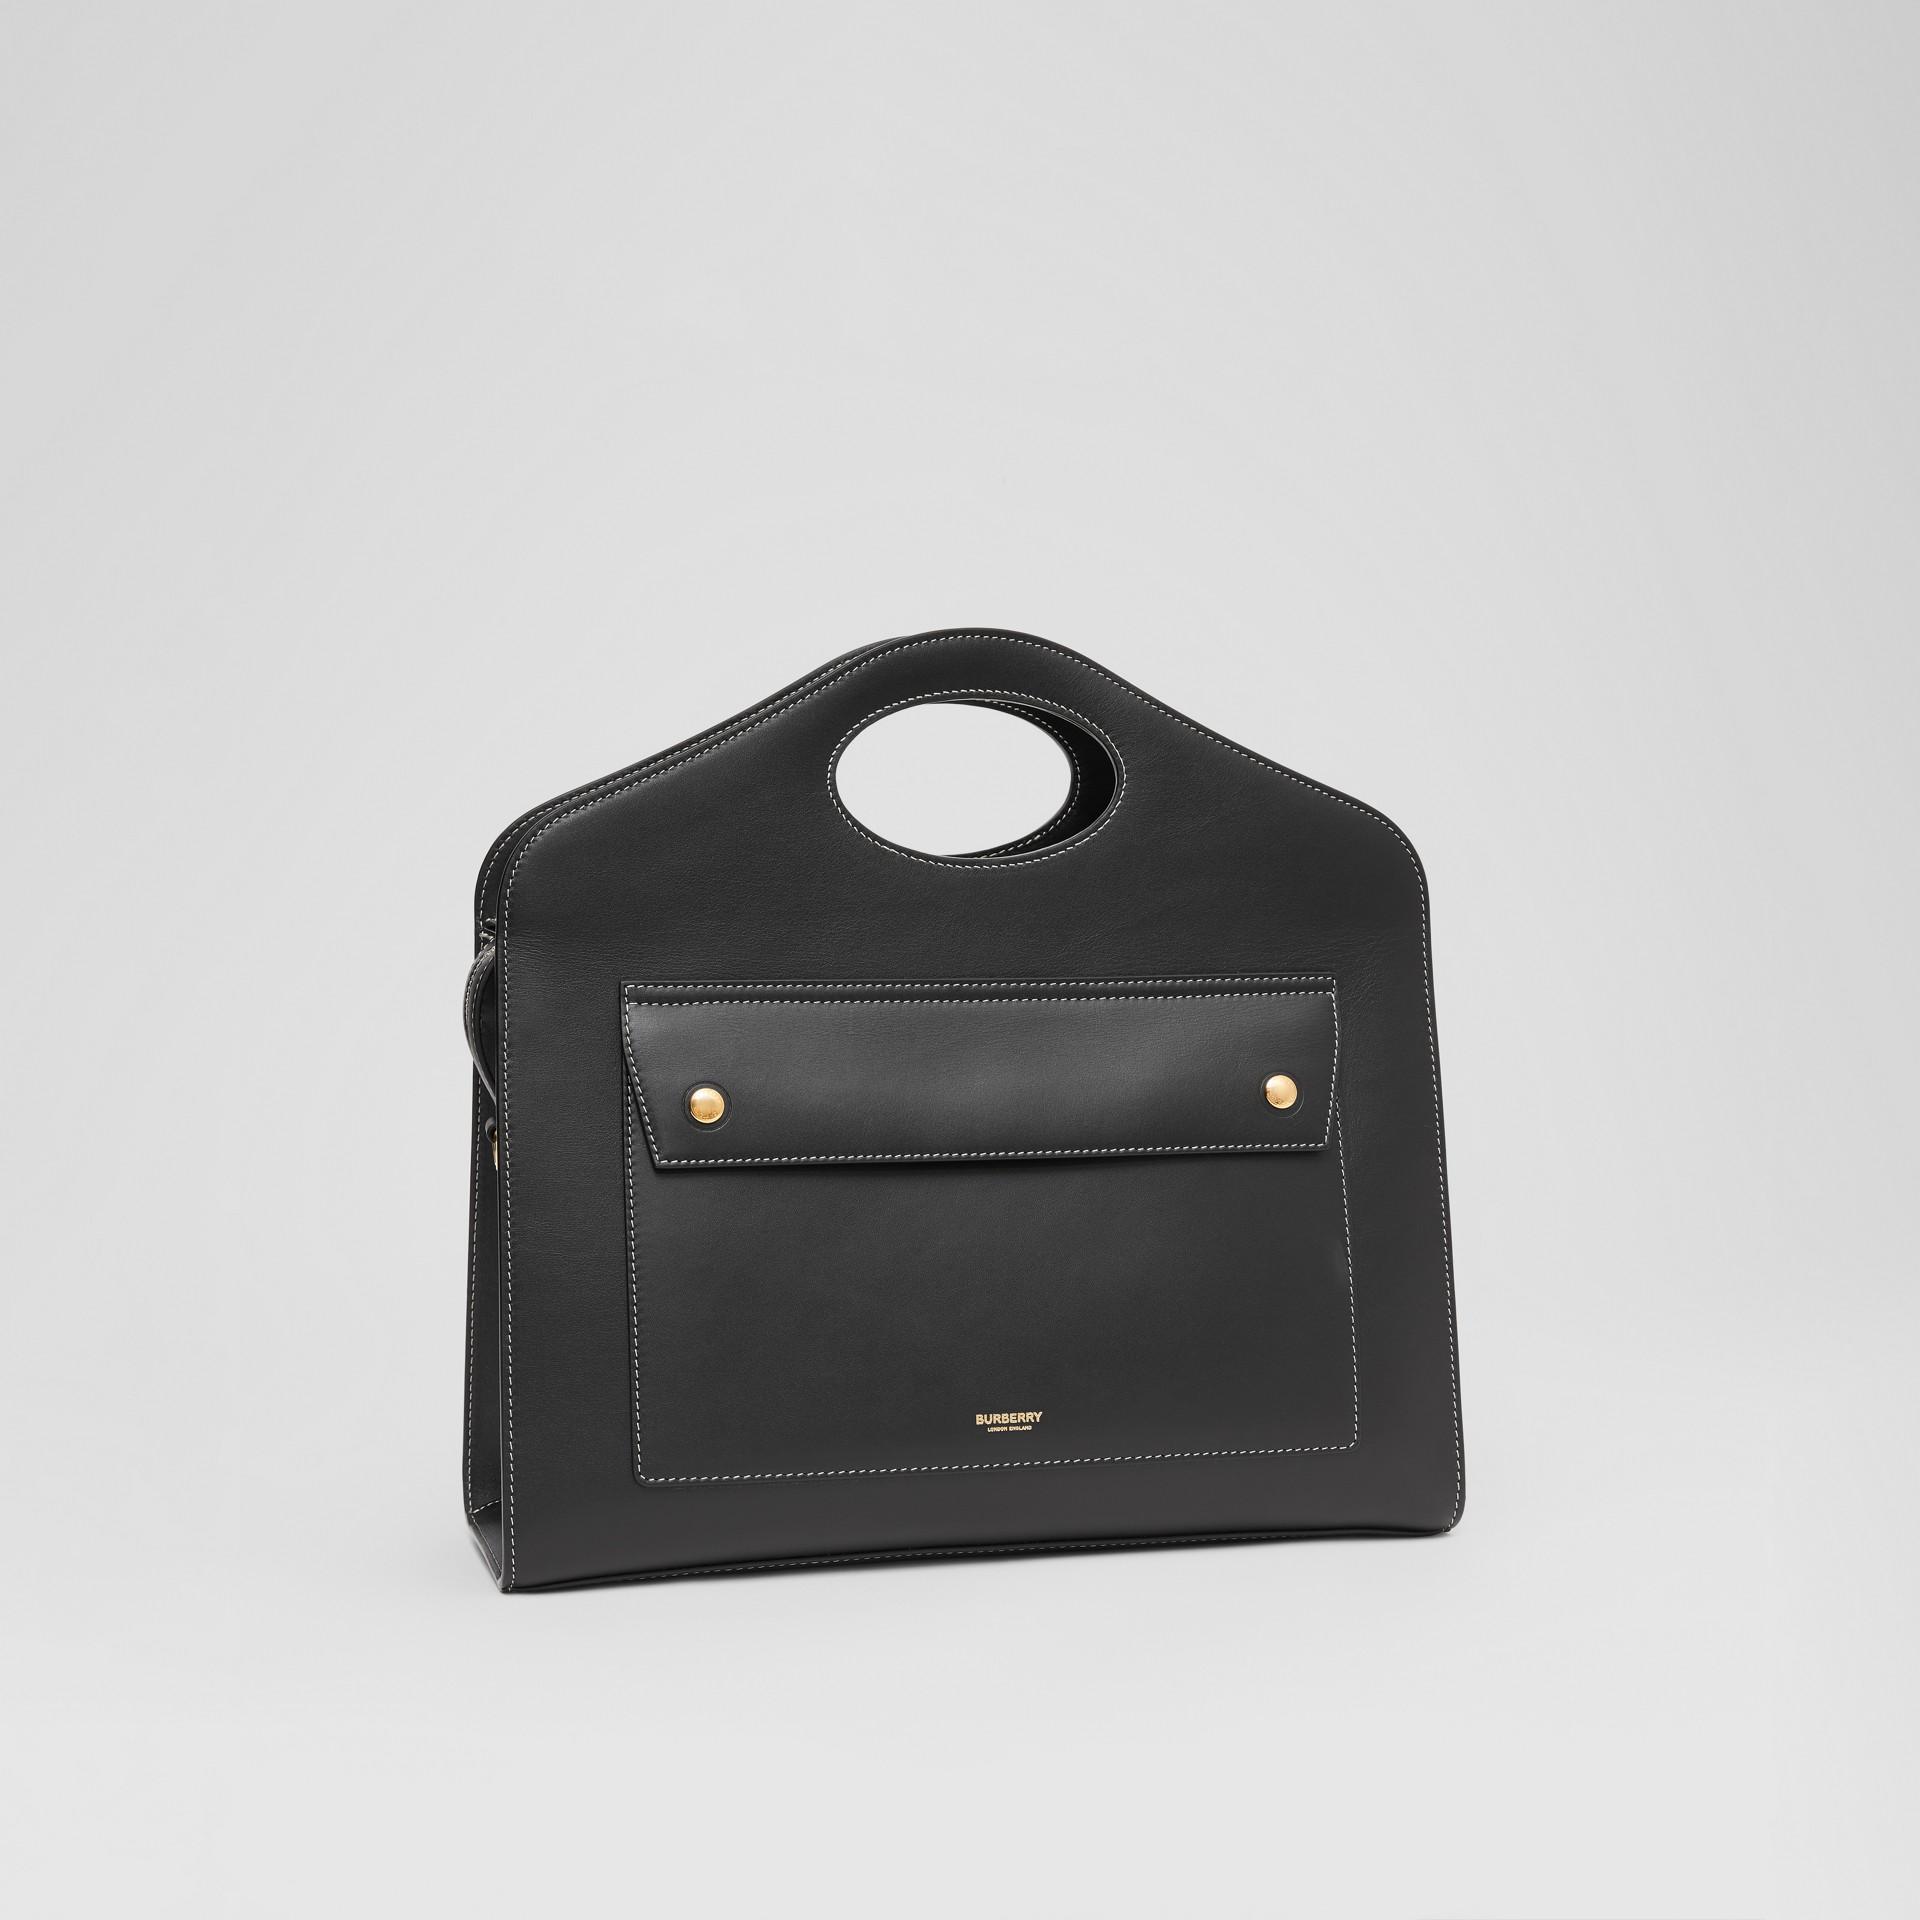 Mittelgroße Leder-Henkeltasche mit Steppnähten (Schwarz) - Damen | Burberry - Galerie-Bild 6